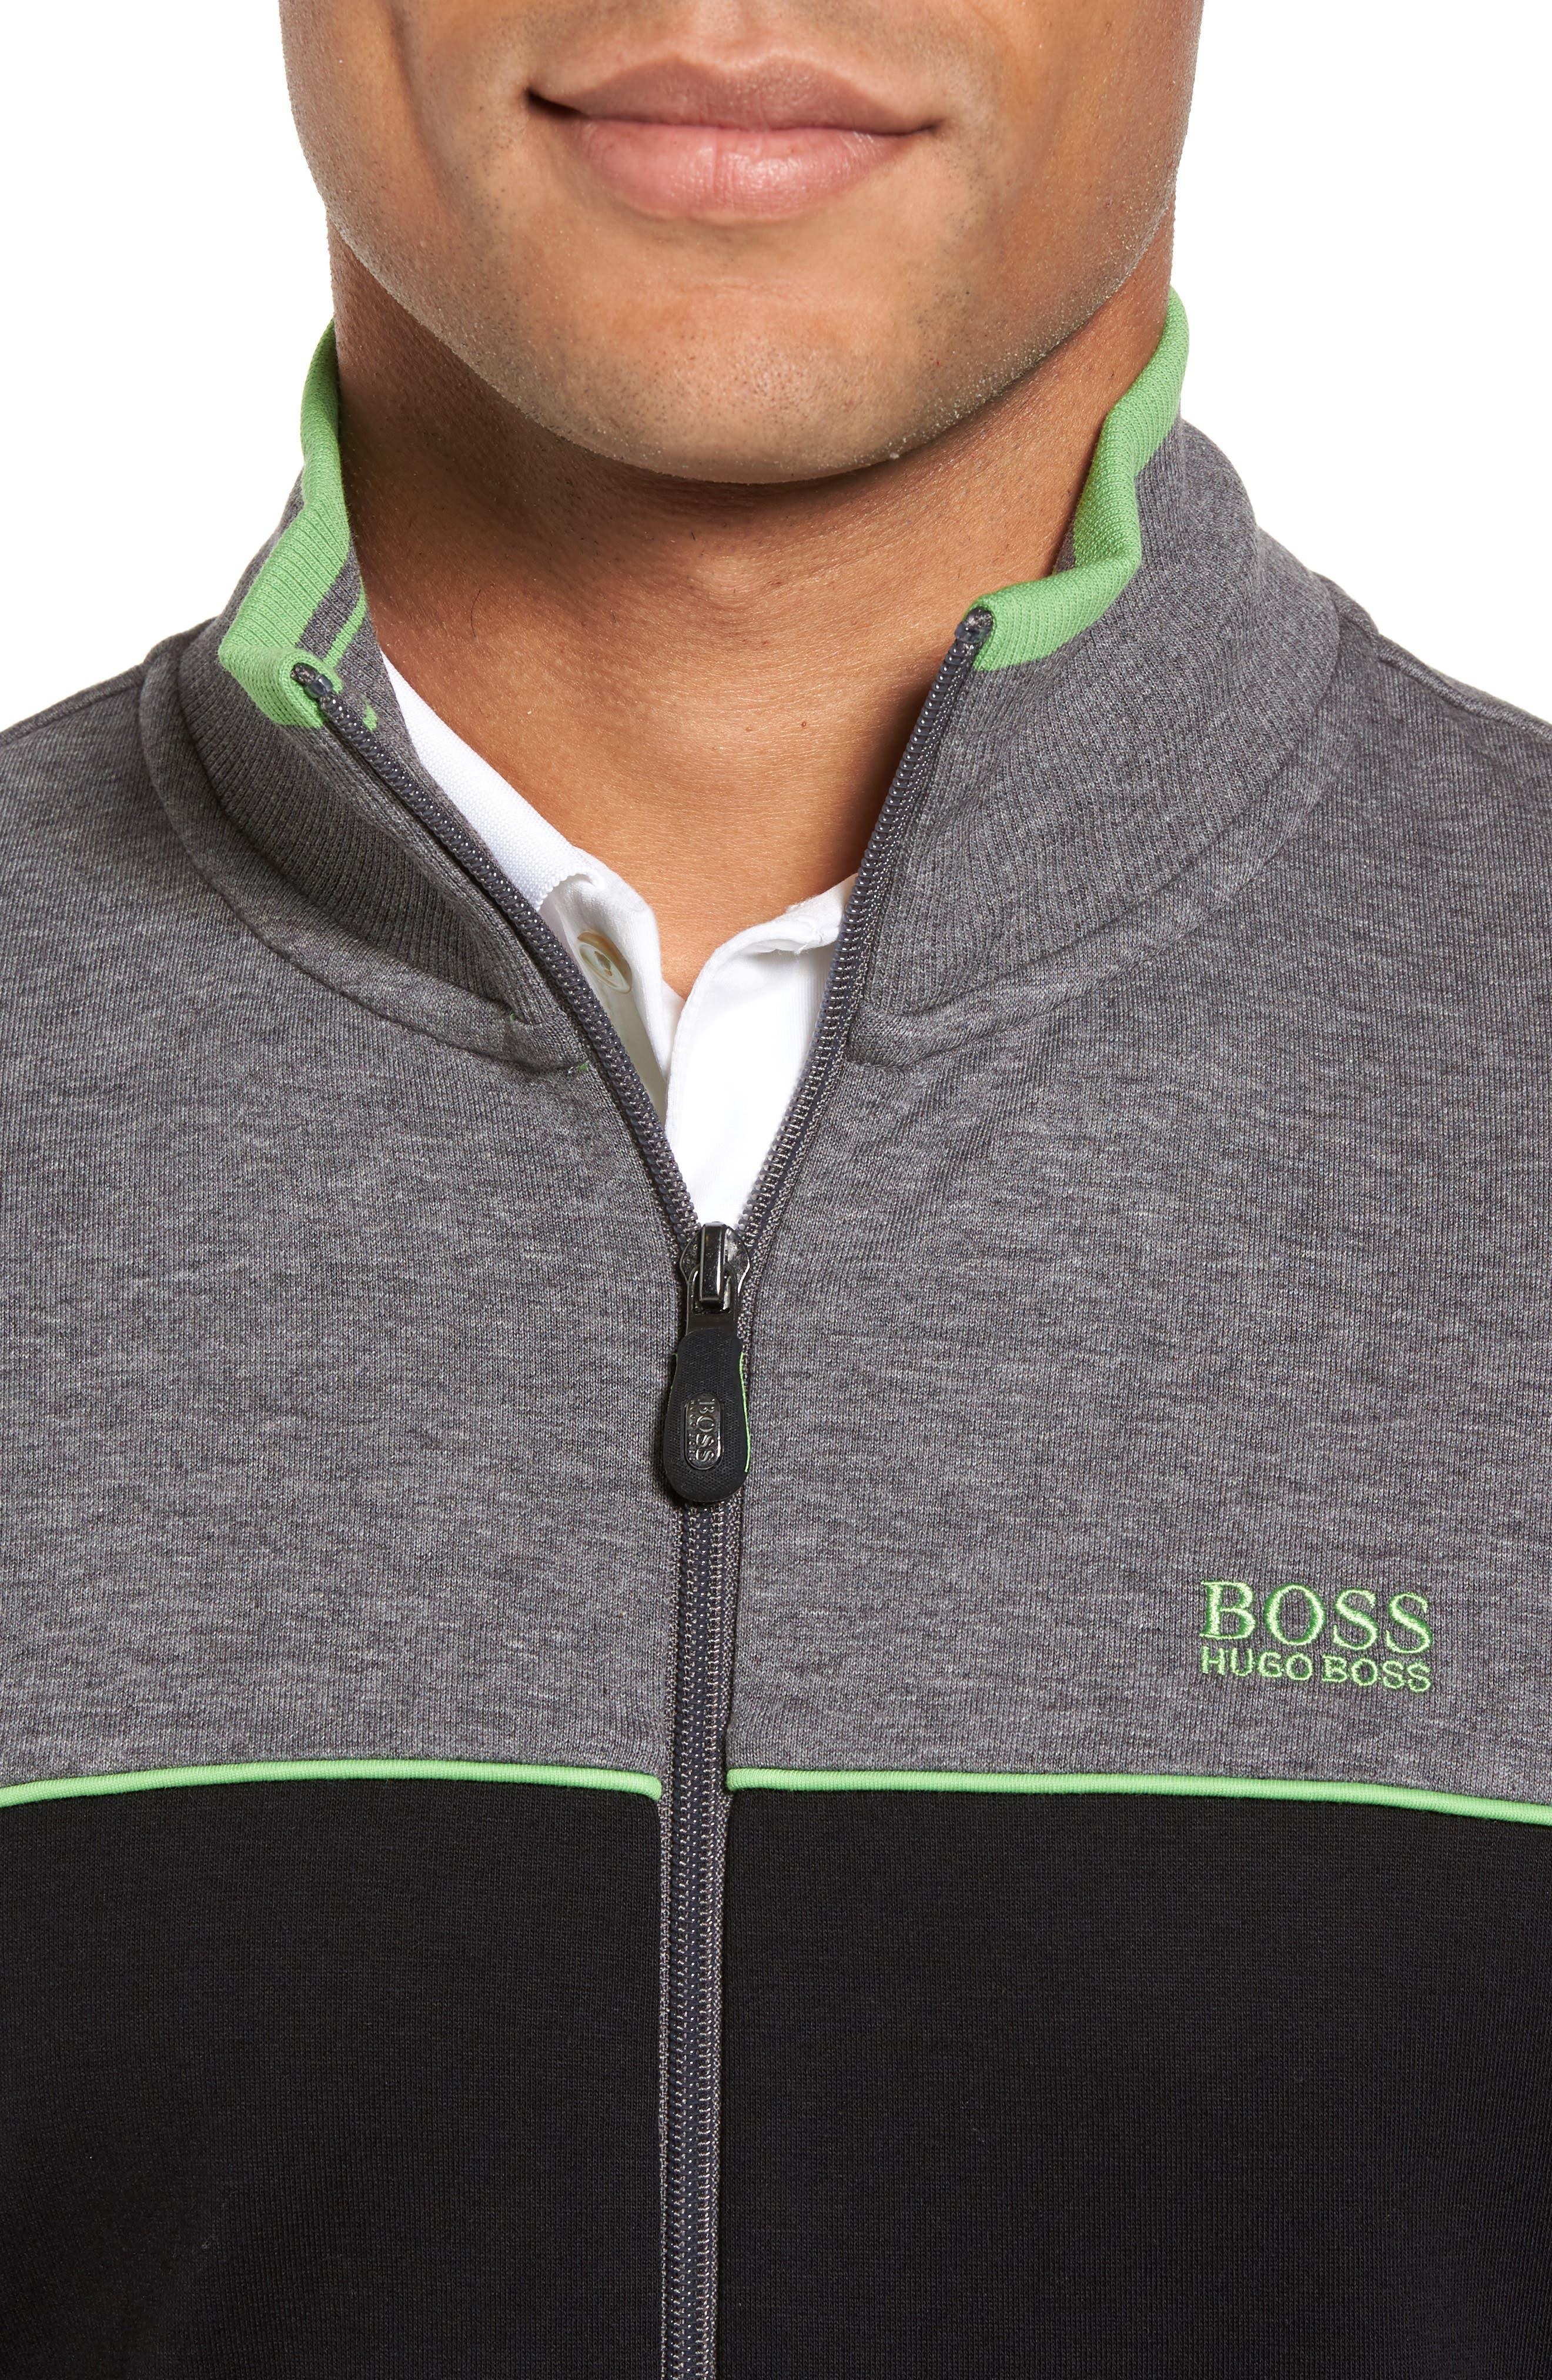 BOSS GREEN,                             Skaz Full Zip Fleece Jacket,                             Alternate thumbnail 4, color,                             001